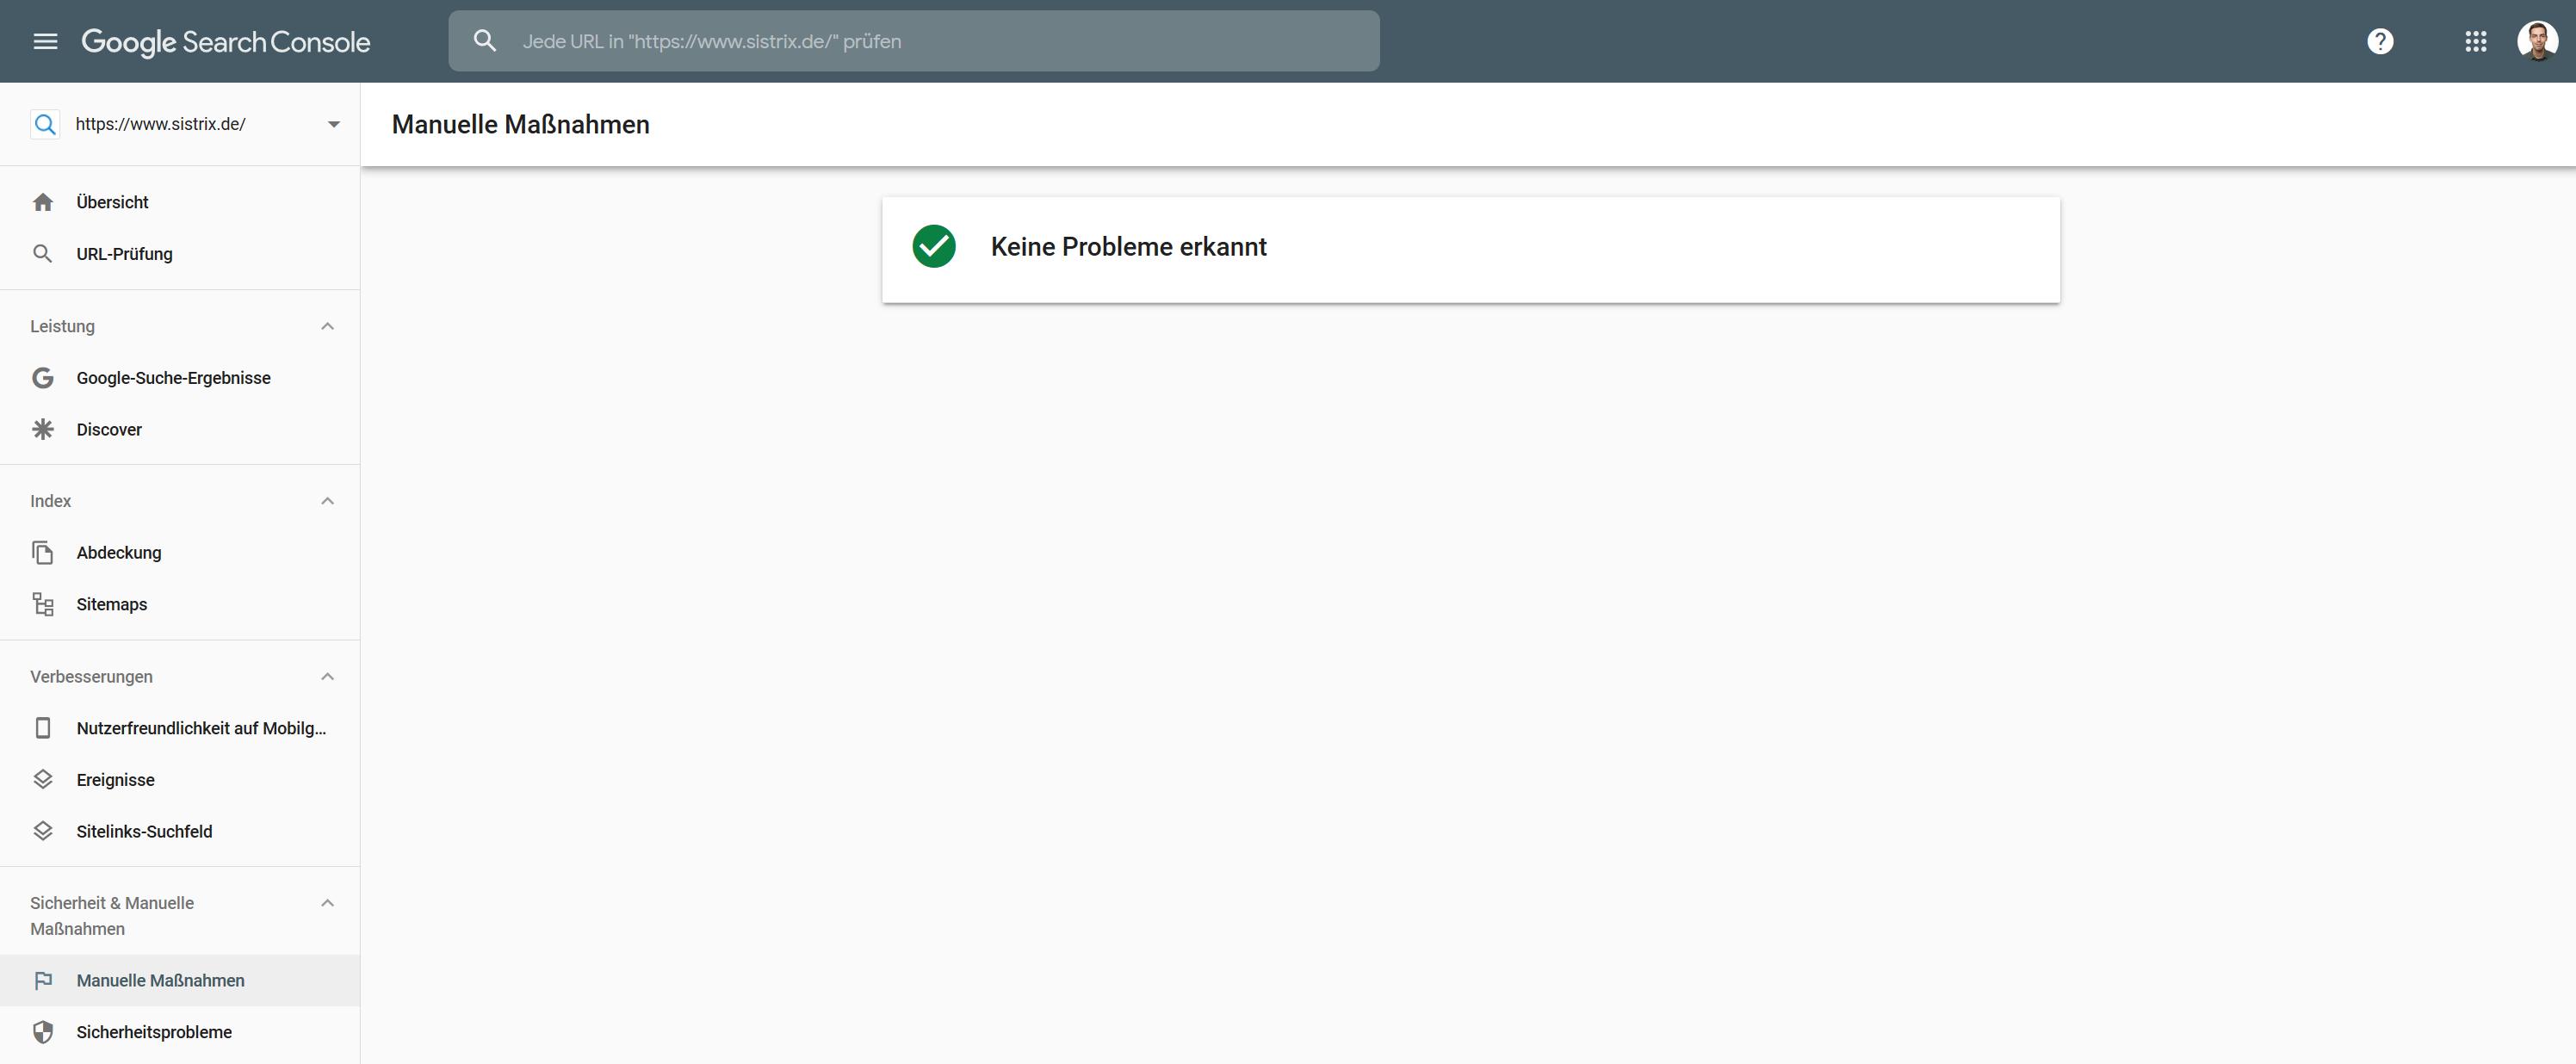 """Auszug aus der Google Search Console im Menüpunkt """"Manuelle Maßnahmen"""" für eine Domain bei der keine Probleme erkannt wurden."""